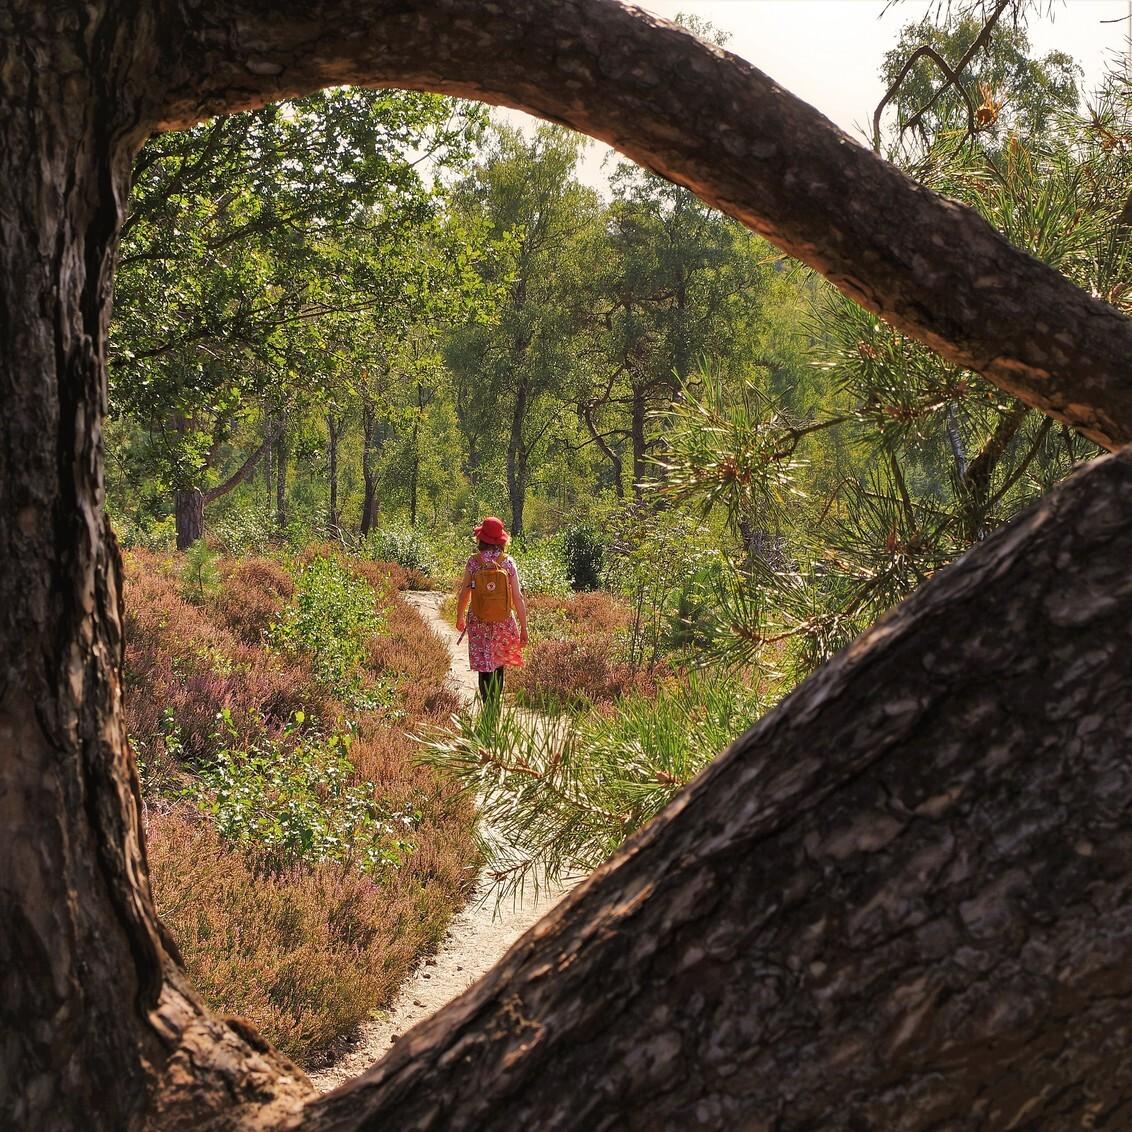 Framed - Wandelen op de Sallandse Heuvelrug op een prachtige nazomerse dag. - foto door hanshoeben51 op 16-09-2020